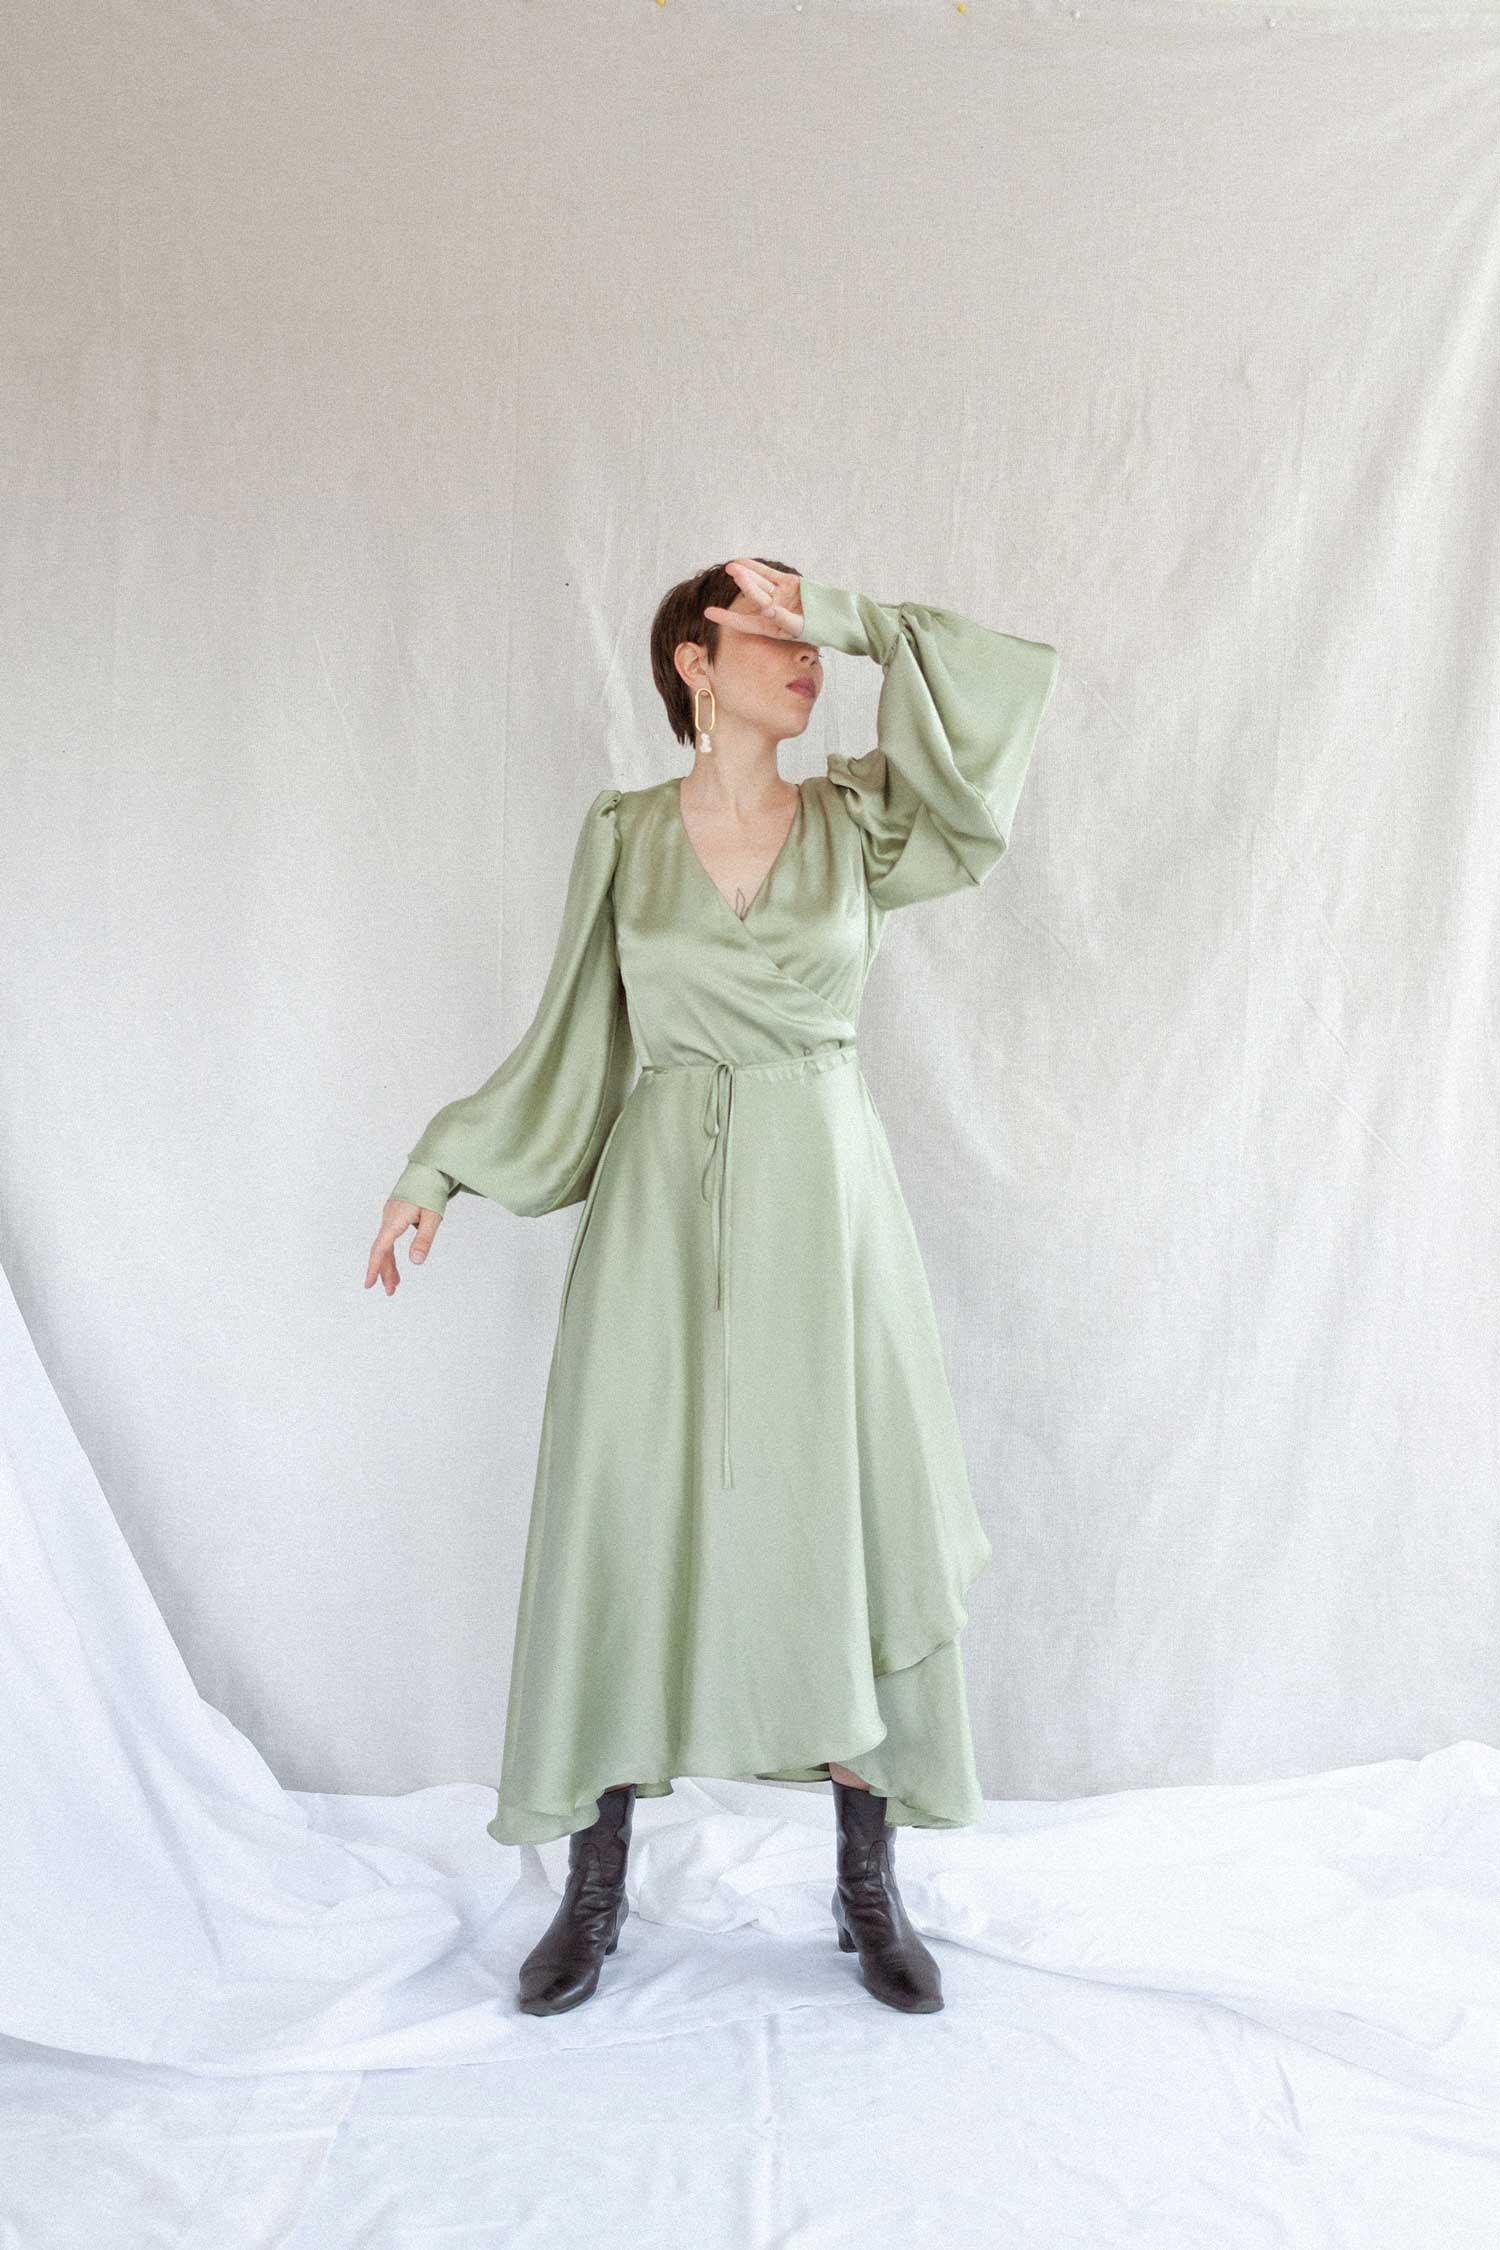 Renting Fashion – Kleidung online mieten